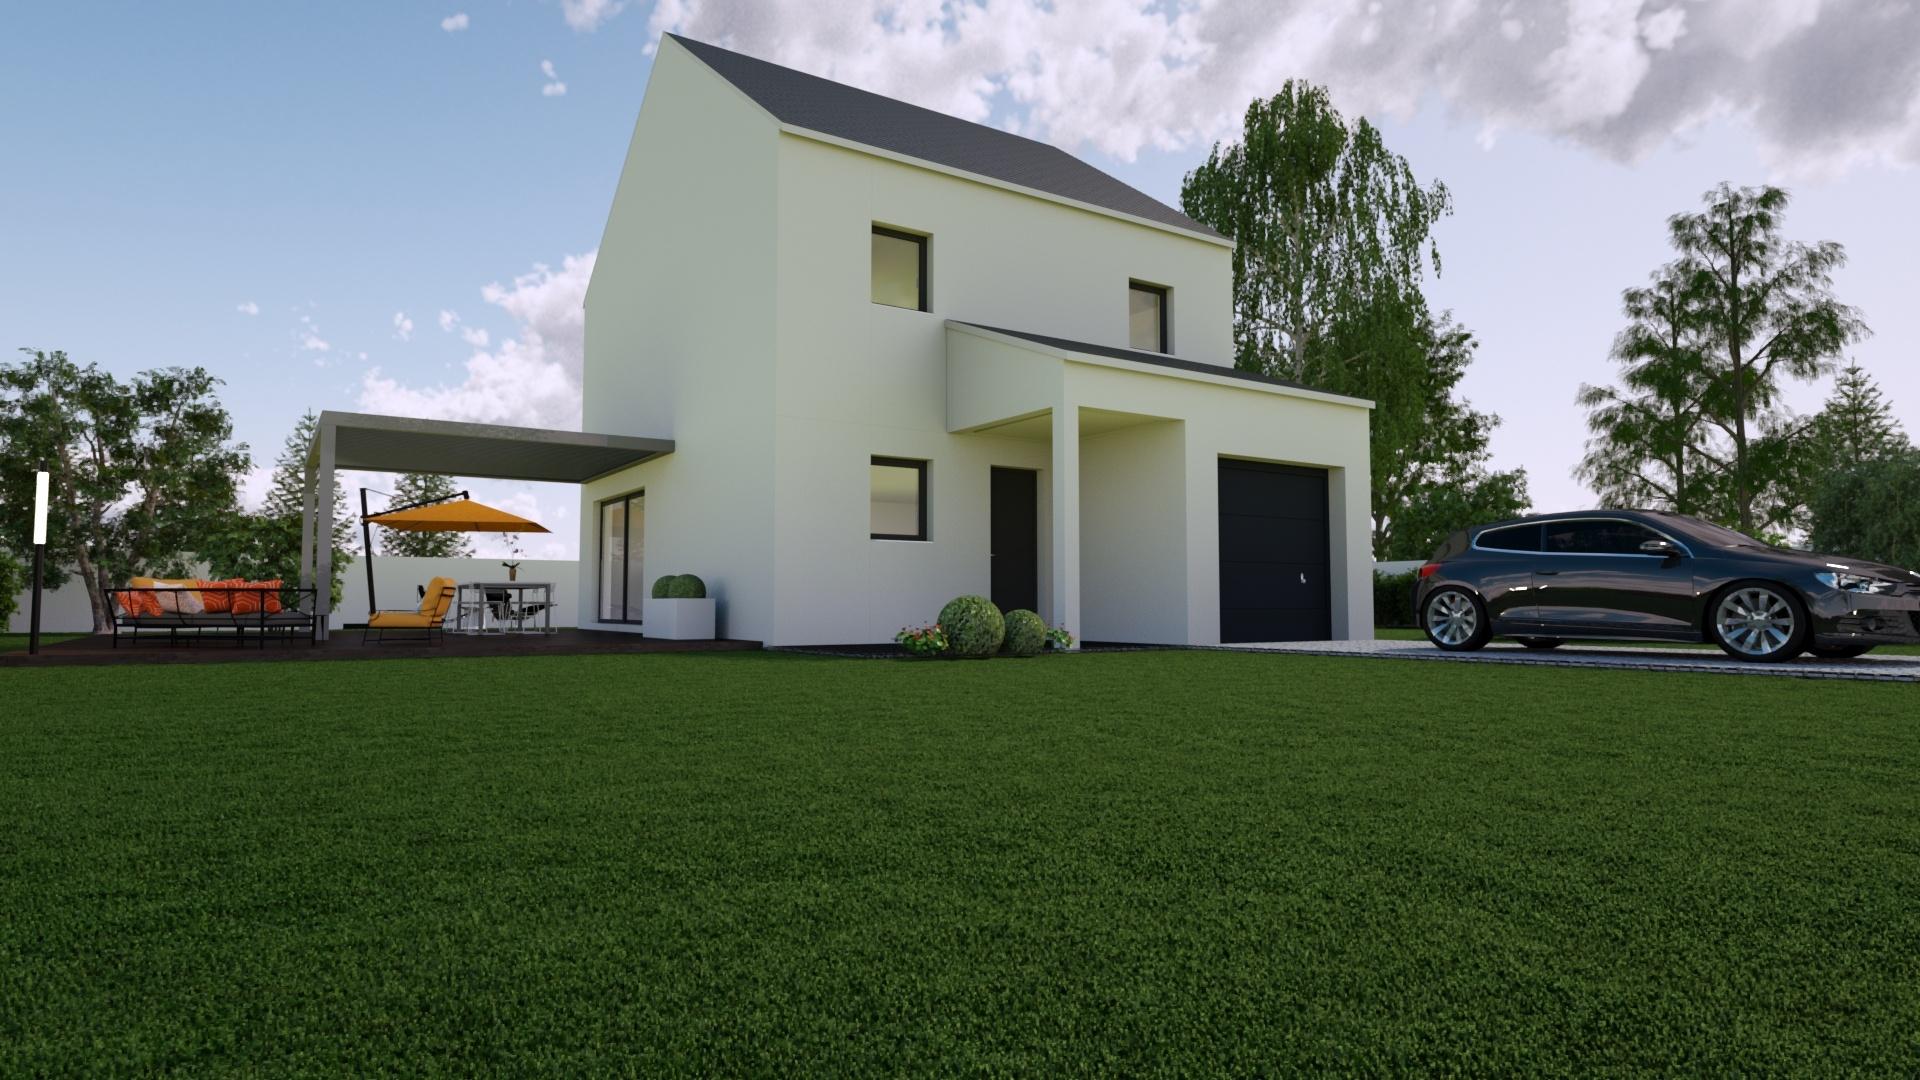 Maisons + Terrains du constructeur Mon Courtier Maison • 94 m² • SAINT MARS DU DESERT